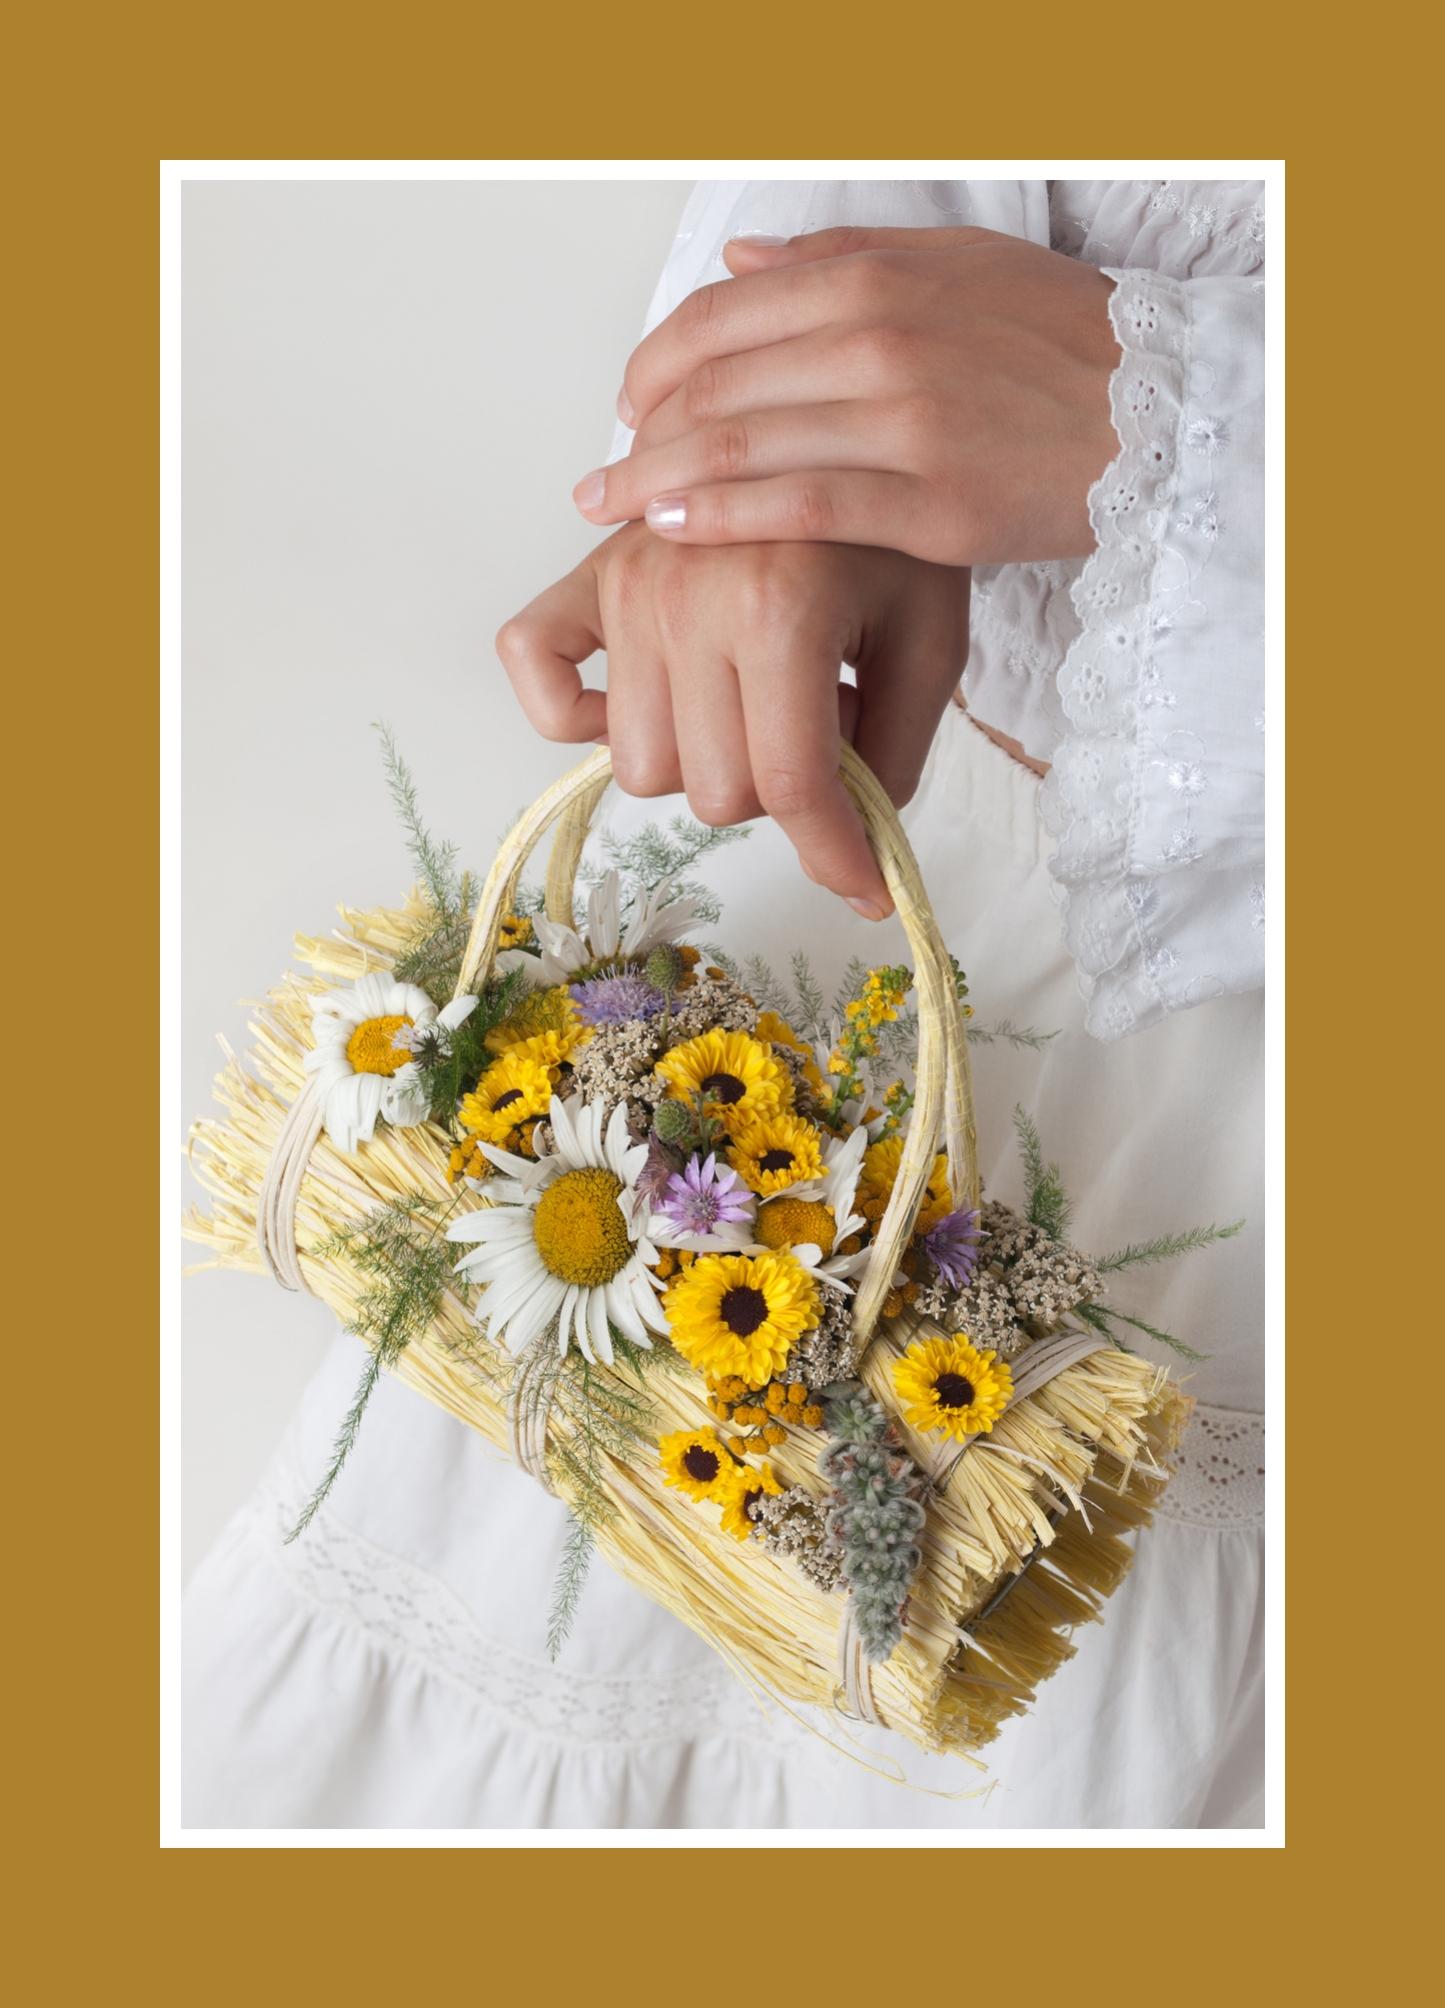 Der extravagante Brautstrauß in Gelb, Weiß, Violett mit viel Grün